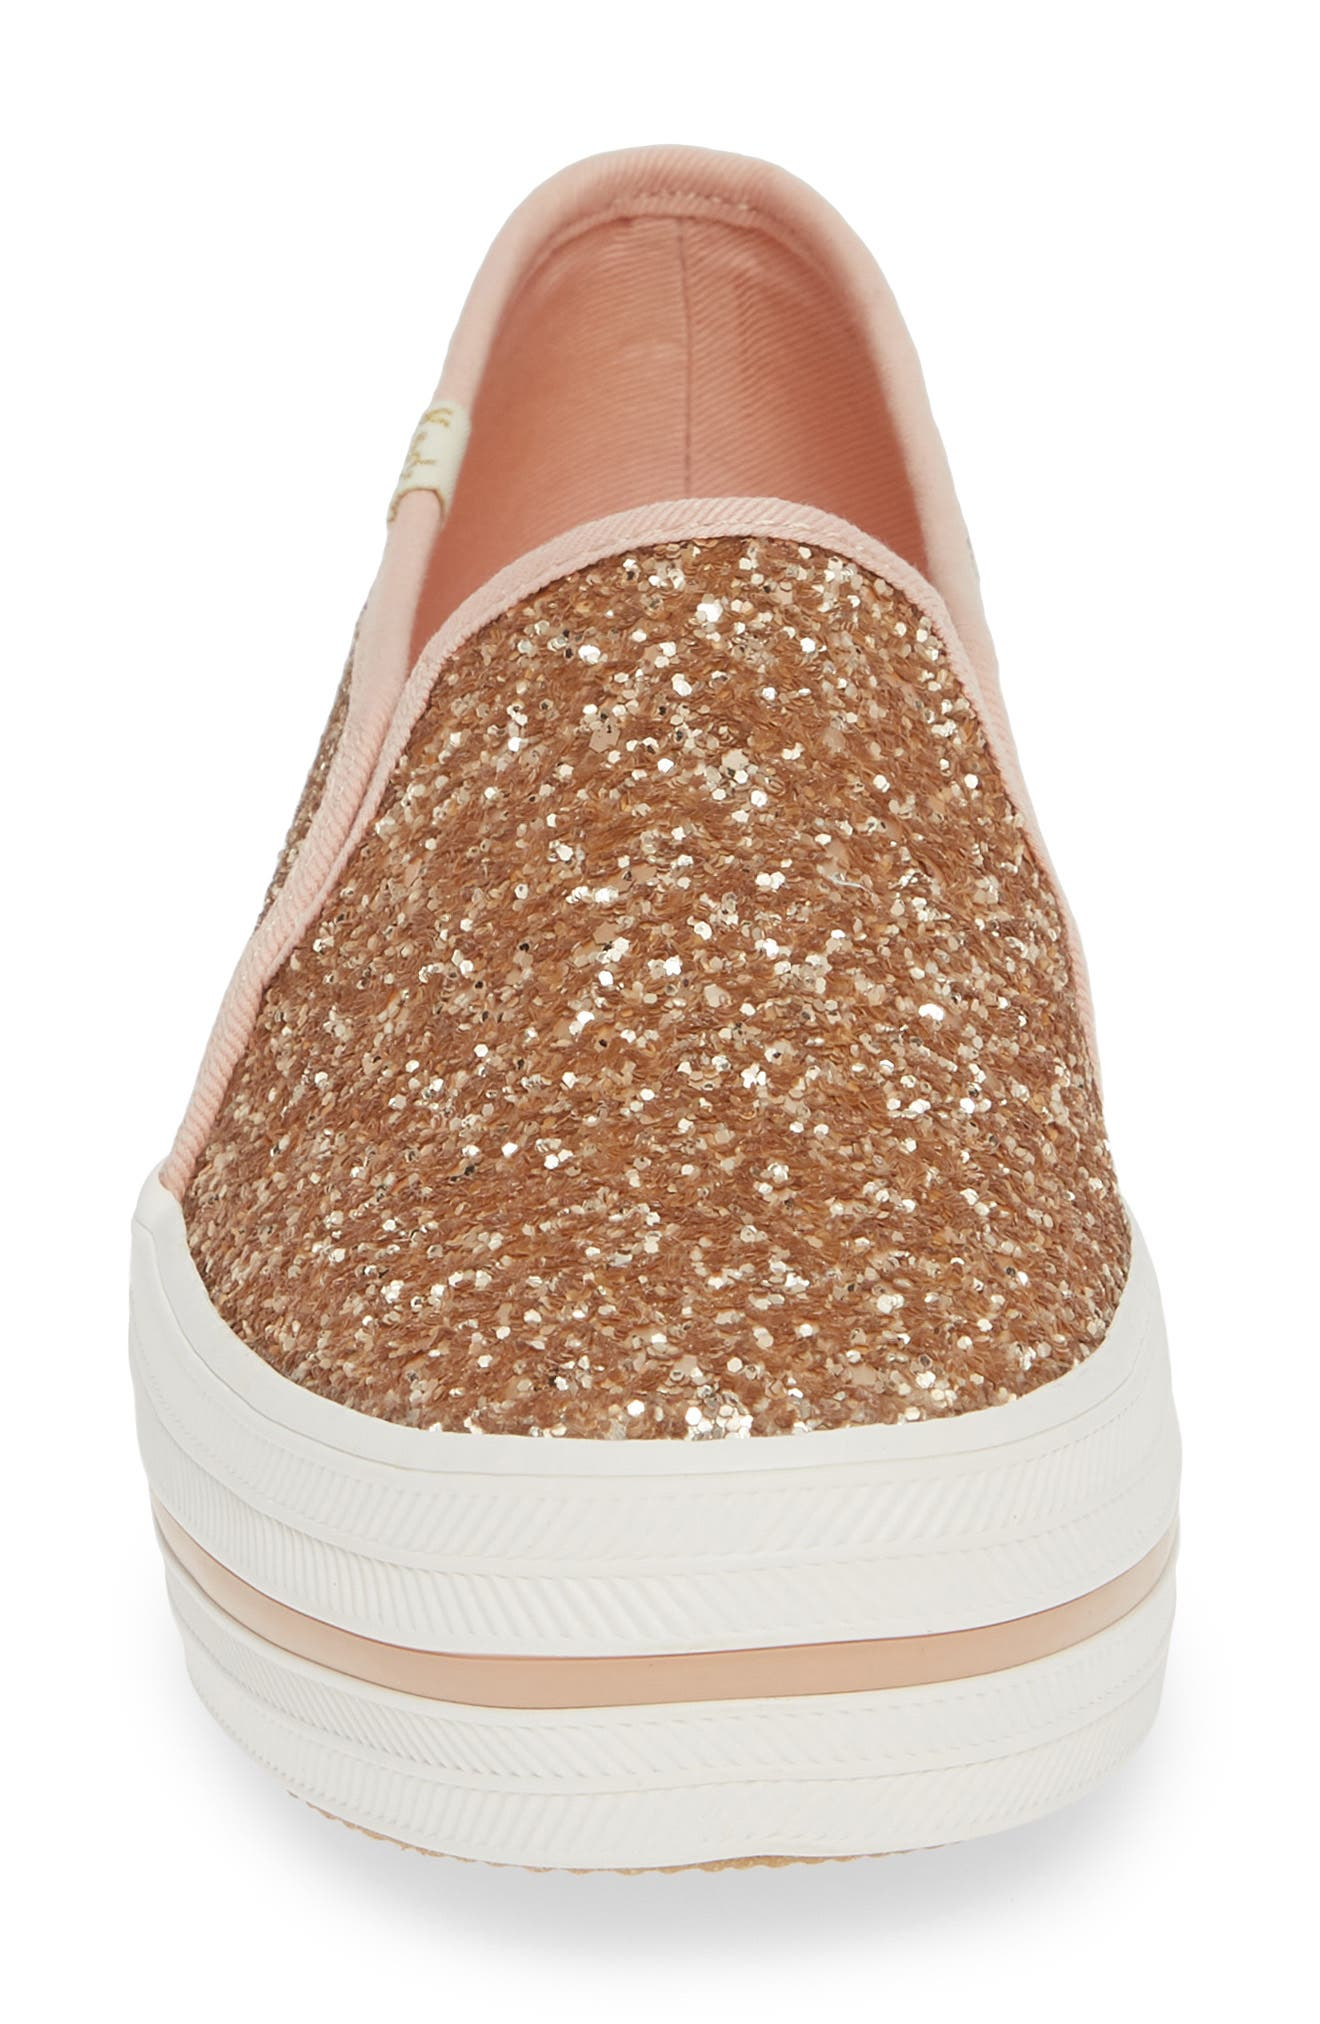 KEDS<SUP>®</SUP> FOR KATE SPADE NEW YORK, triple decker glitter slip-on sneaker, Alternate thumbnail 4, color, ROSE GOLD